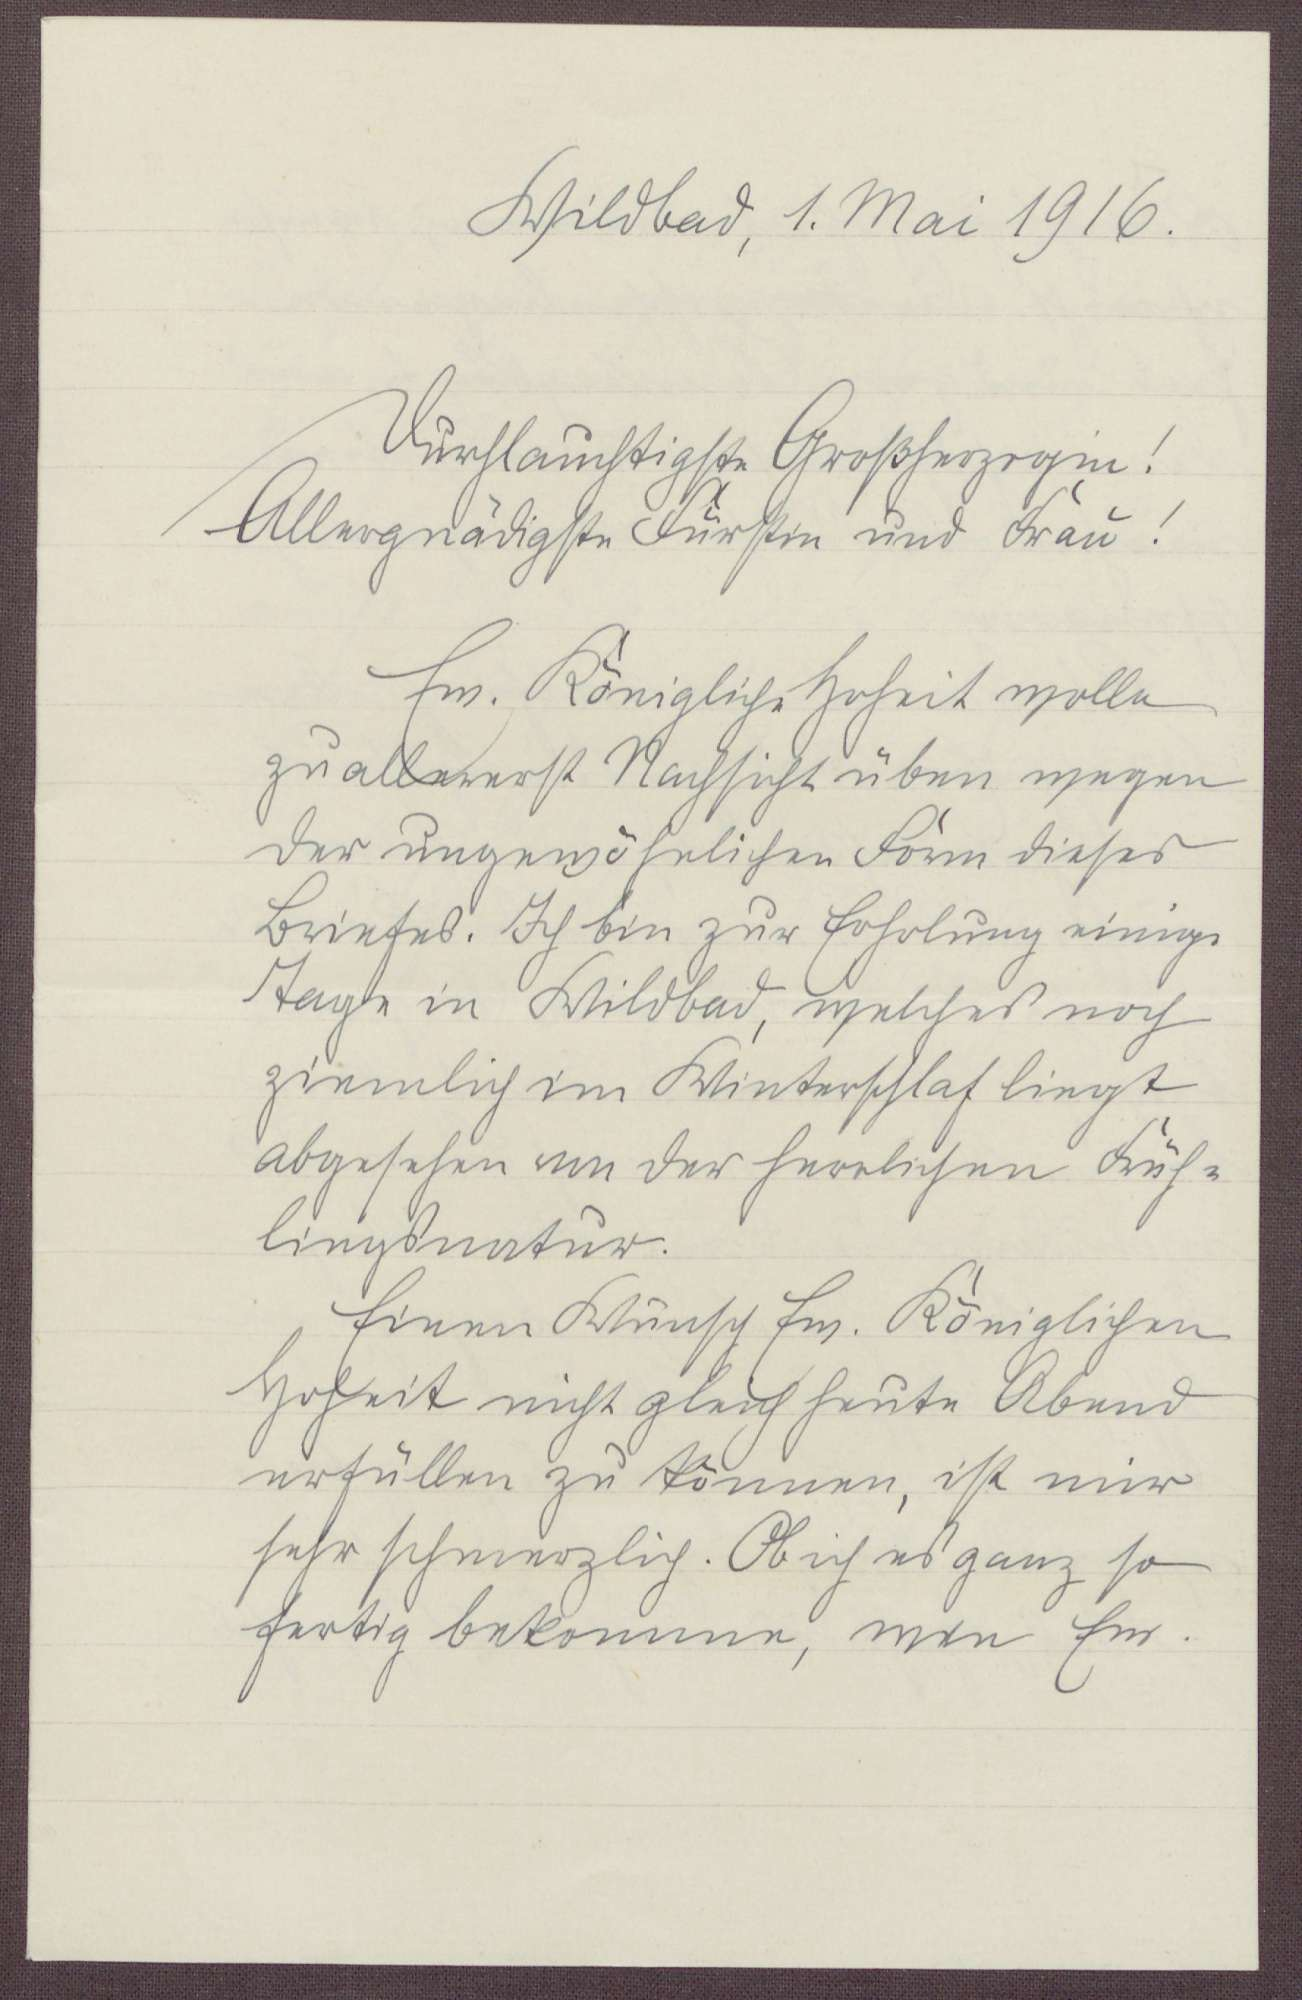 Schreiben von Friedrich Katz an die Großherzogin Luise; Aufenthalt von Friedrich Katz in Bad Wildbad und Kriegsandachten, Bild 1